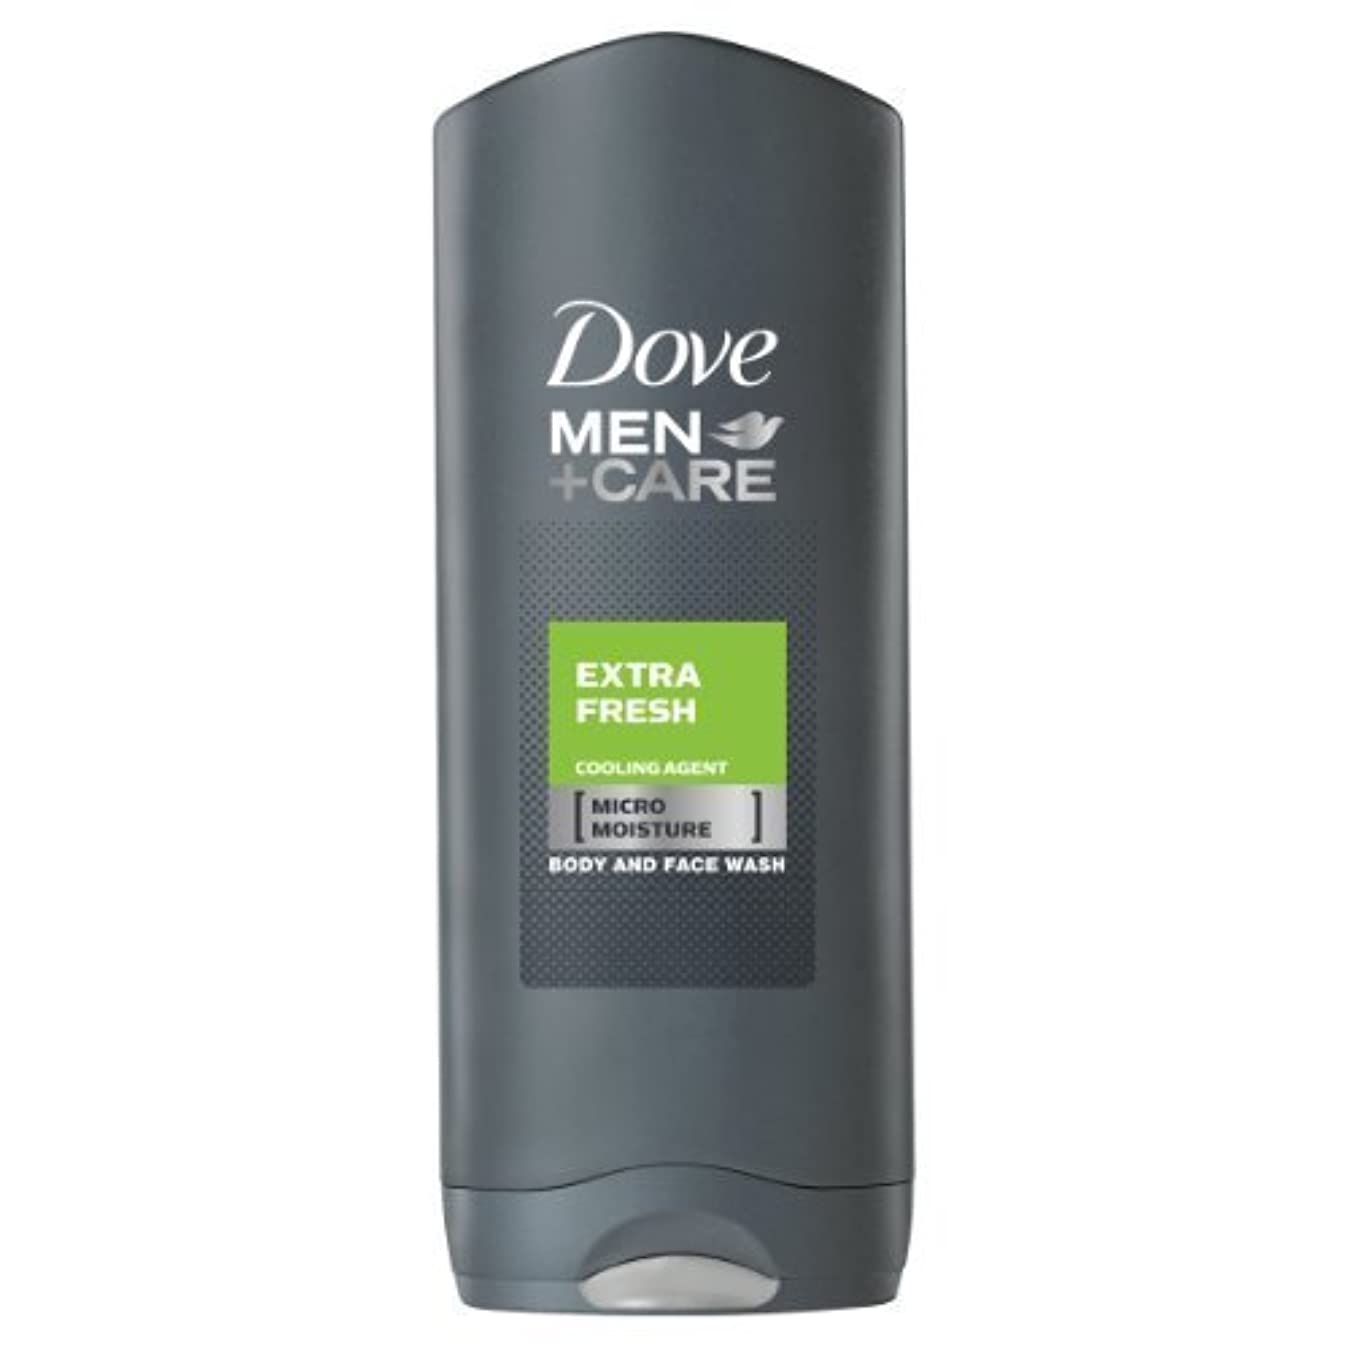 価値飢幾何学Dove for Men Extra Fresh Body and Face Wash 250 ml by Dove [並行輸入品]